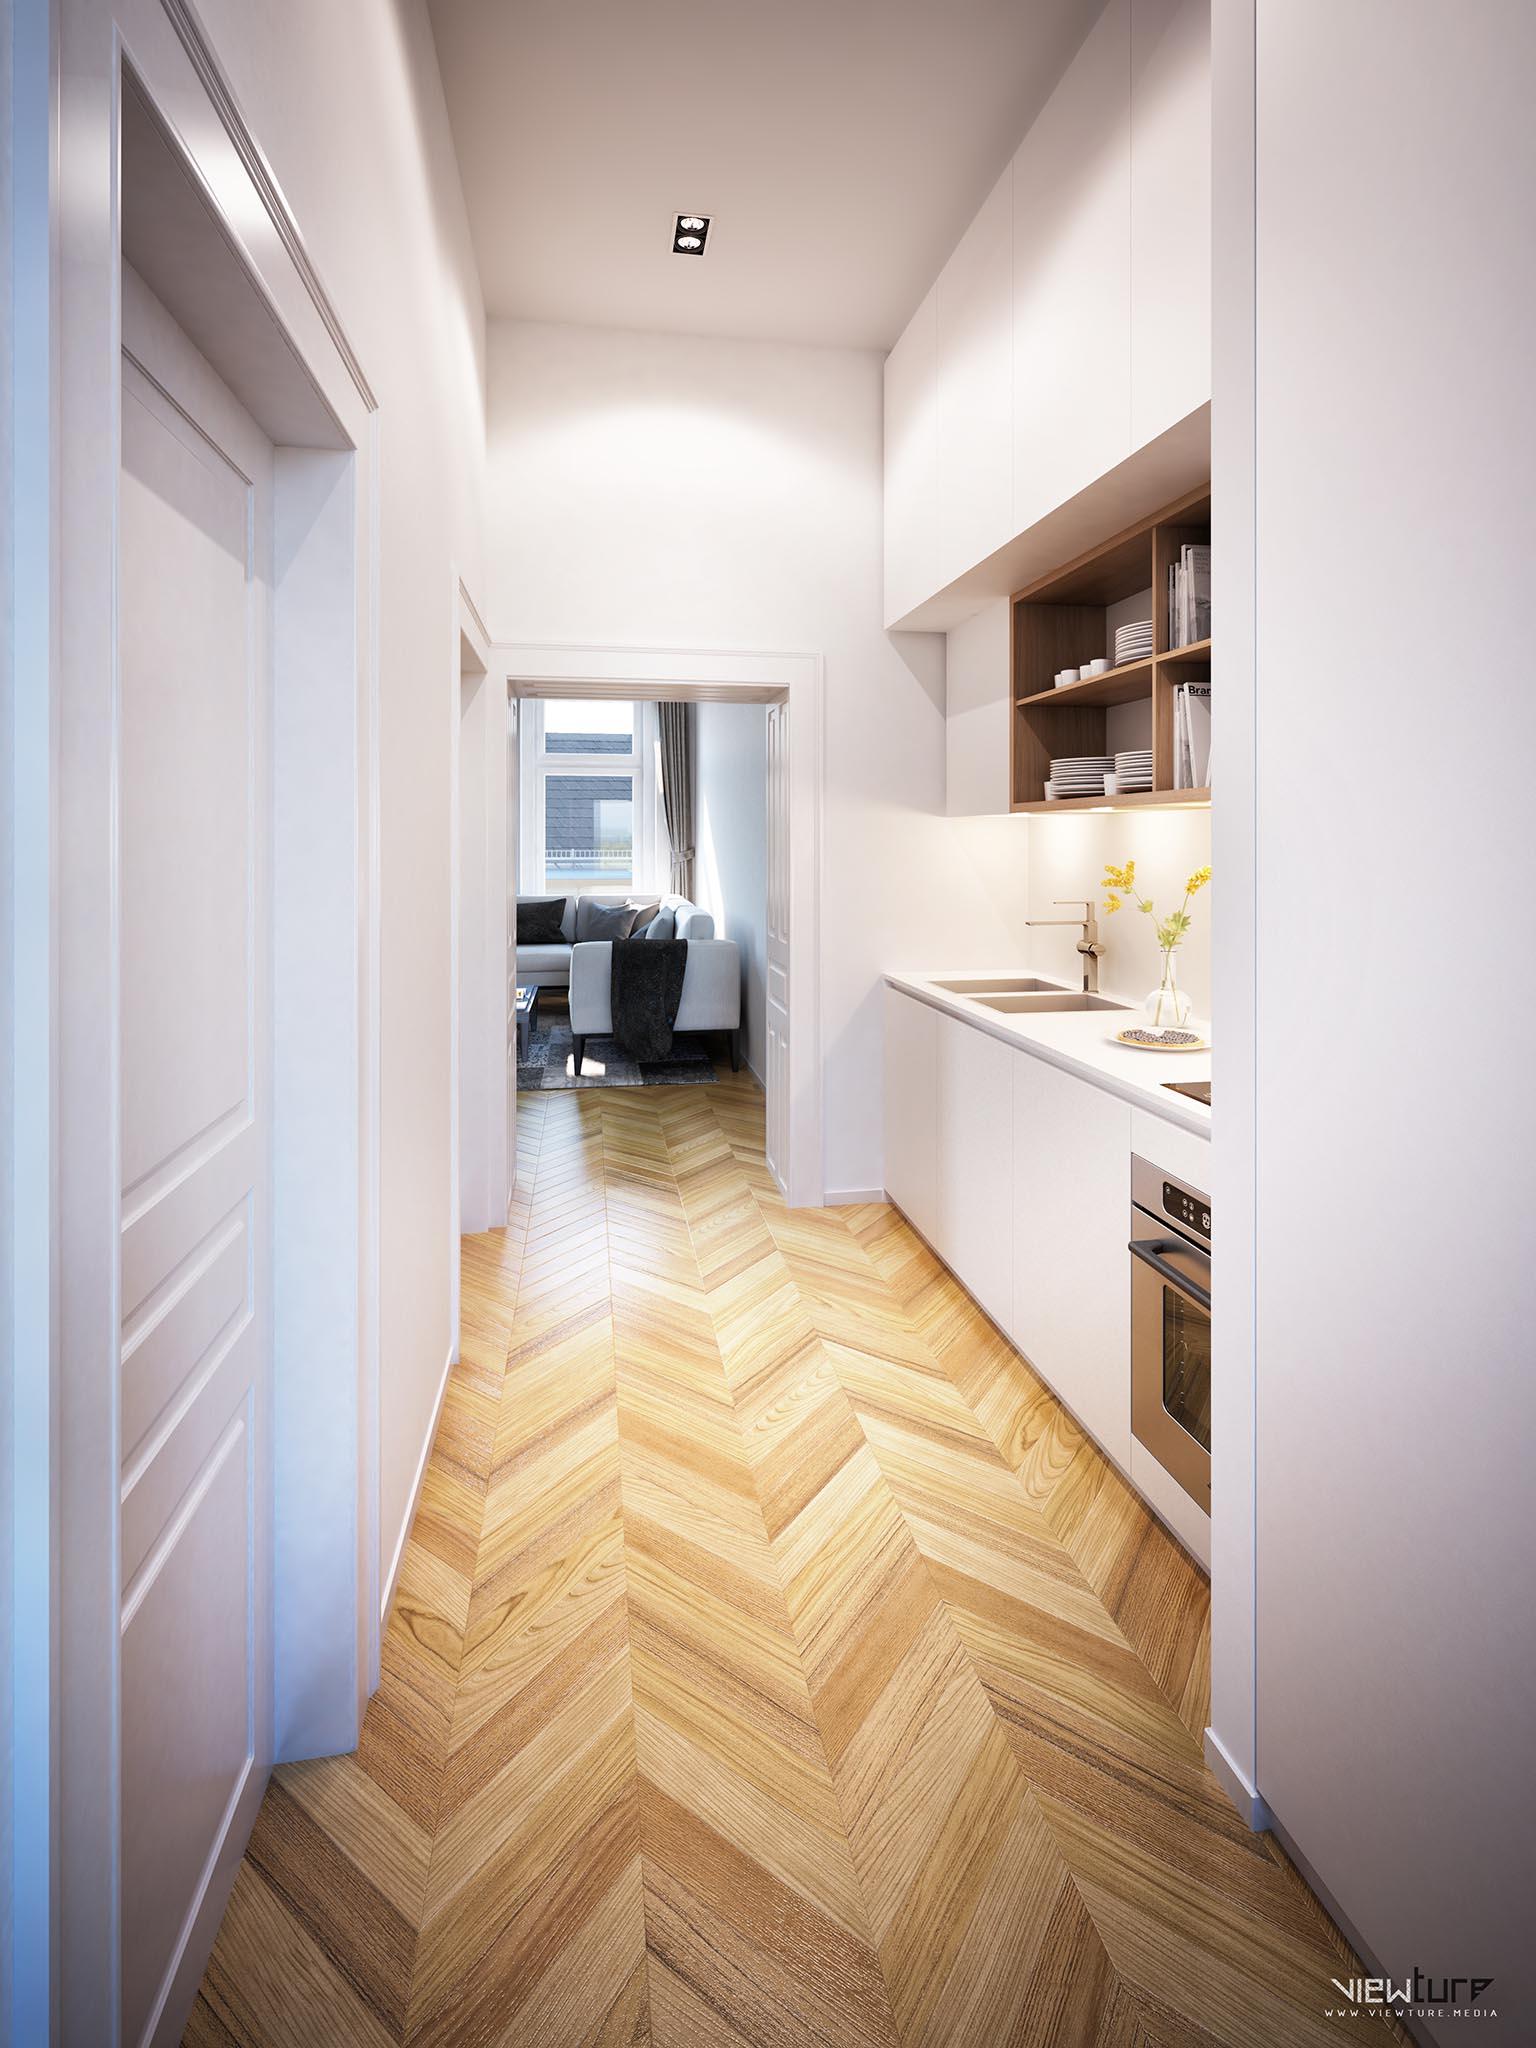 Stilvolle und platzsparende Kochnische in einer klassischen wiener Altbauwohnung